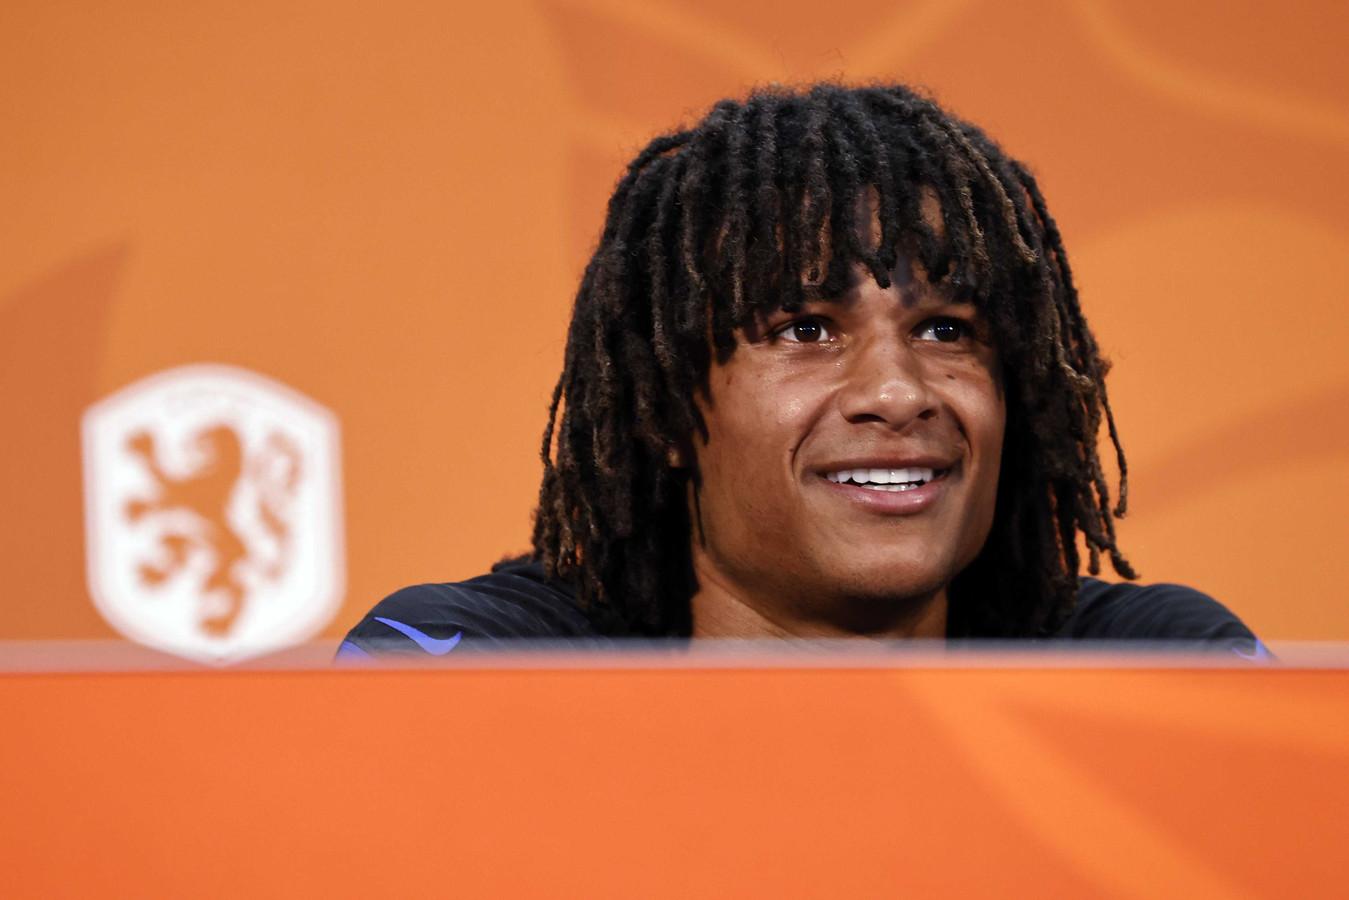 Nathan Aké de persconferentie van van het Nederlands elftal.